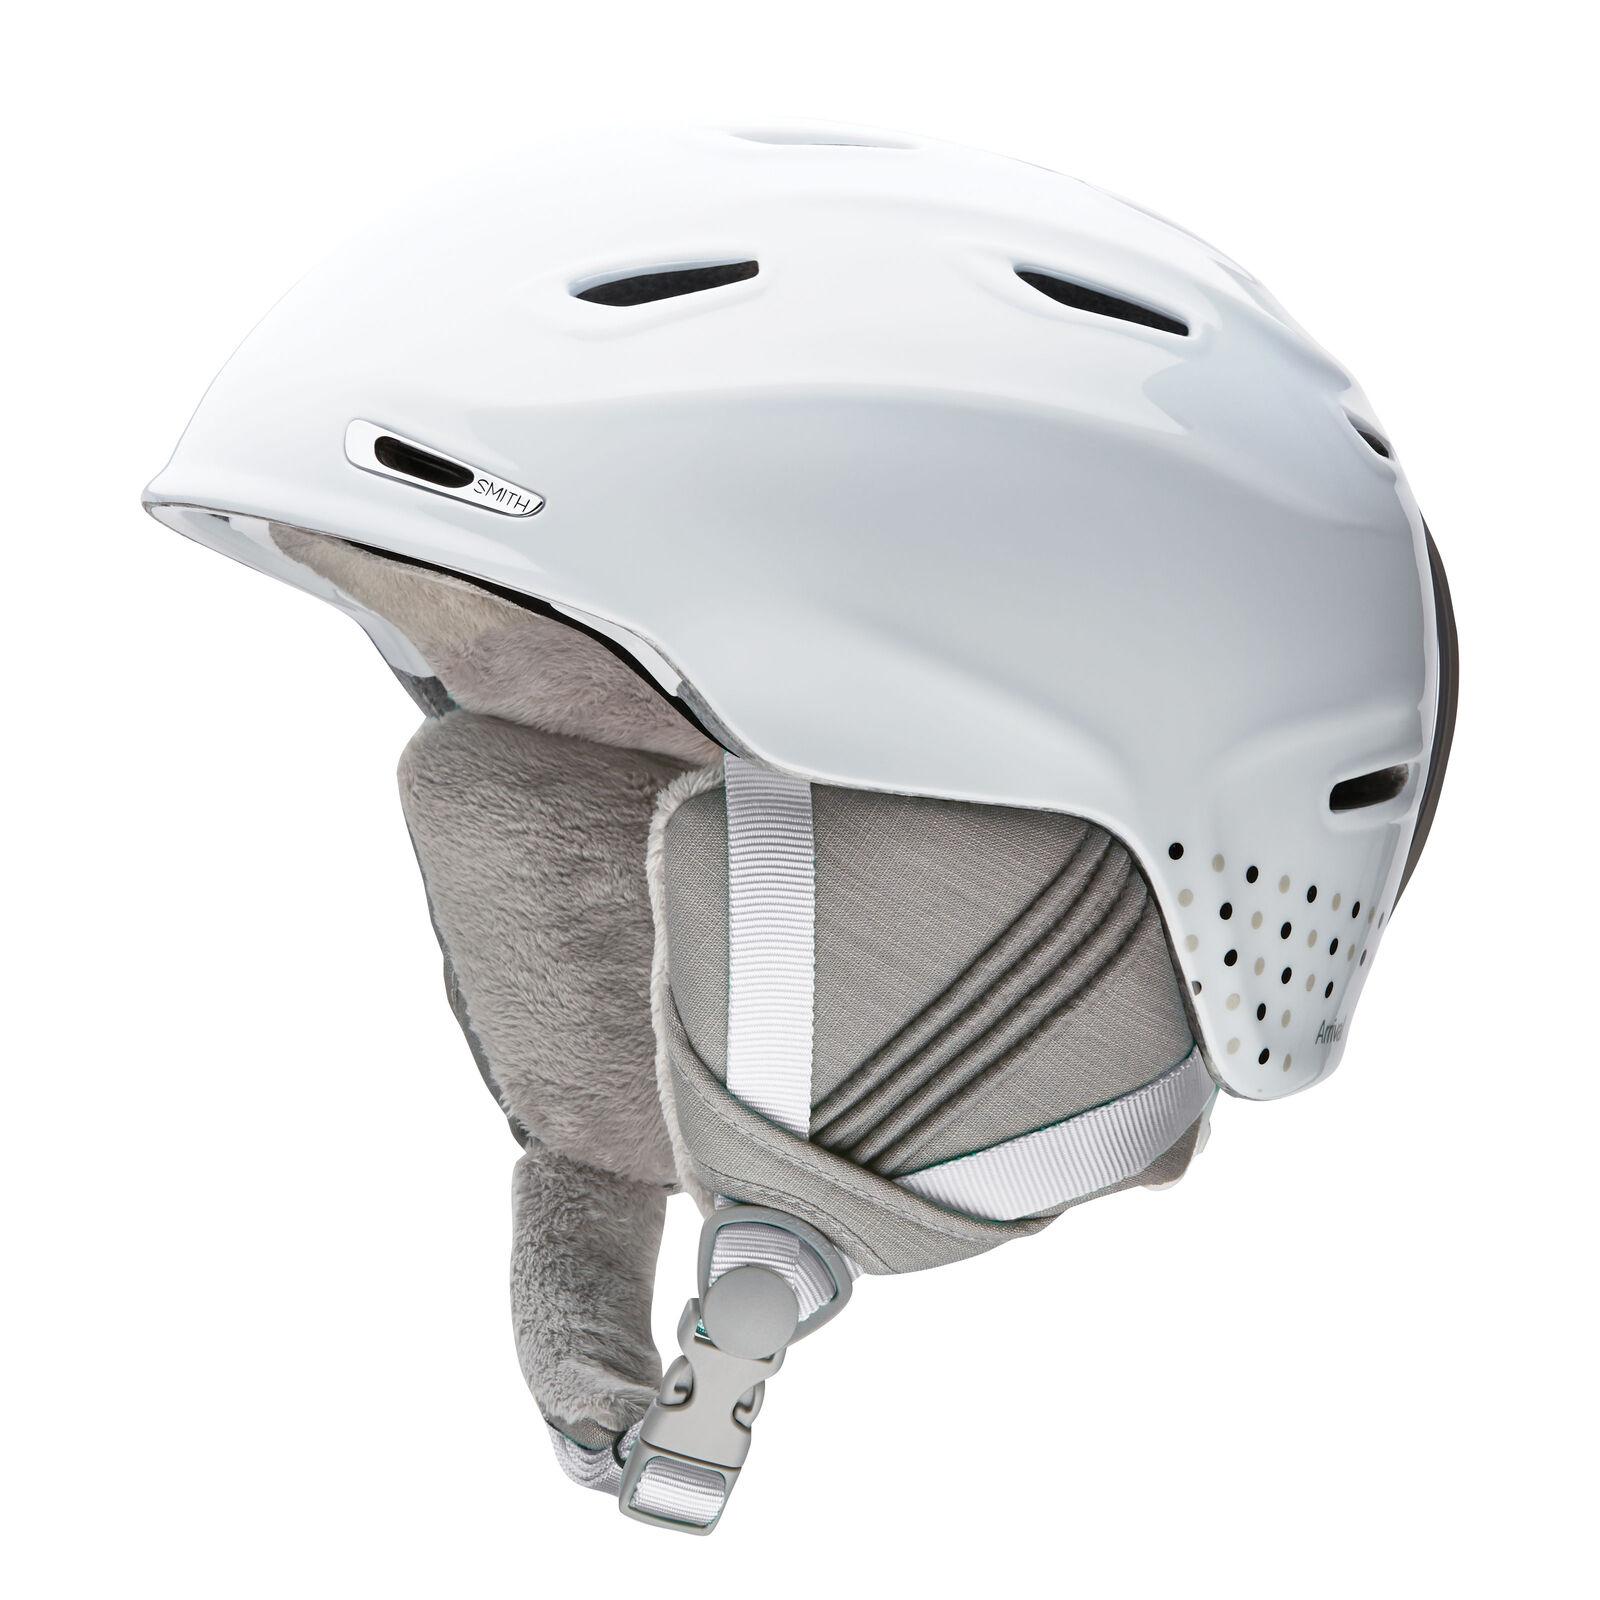 Smith Skihelm Snowboardhelm ARRIVAL white leicht Unifarben Belüftung